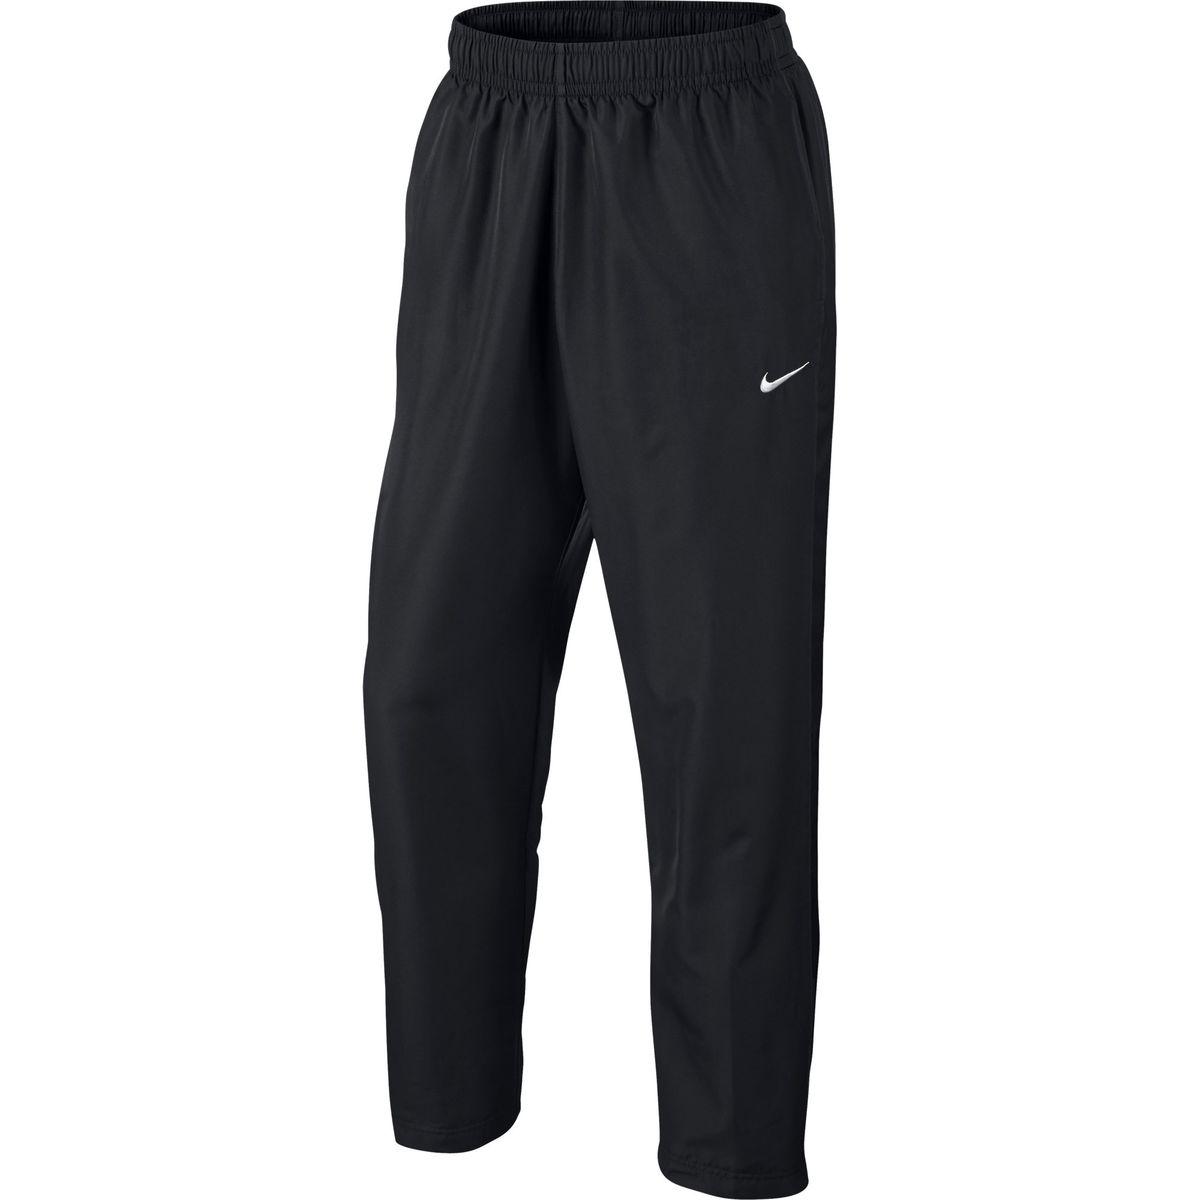 Брюки спортивные644835-011Брюки Nike Season Swoosh, шьются из ткани Polyfabric, котораяимеет немного рельефную структуру, что в сочетании с открытой кромкой, создает спортивный элегантный образ и обеспечивает комфорт.